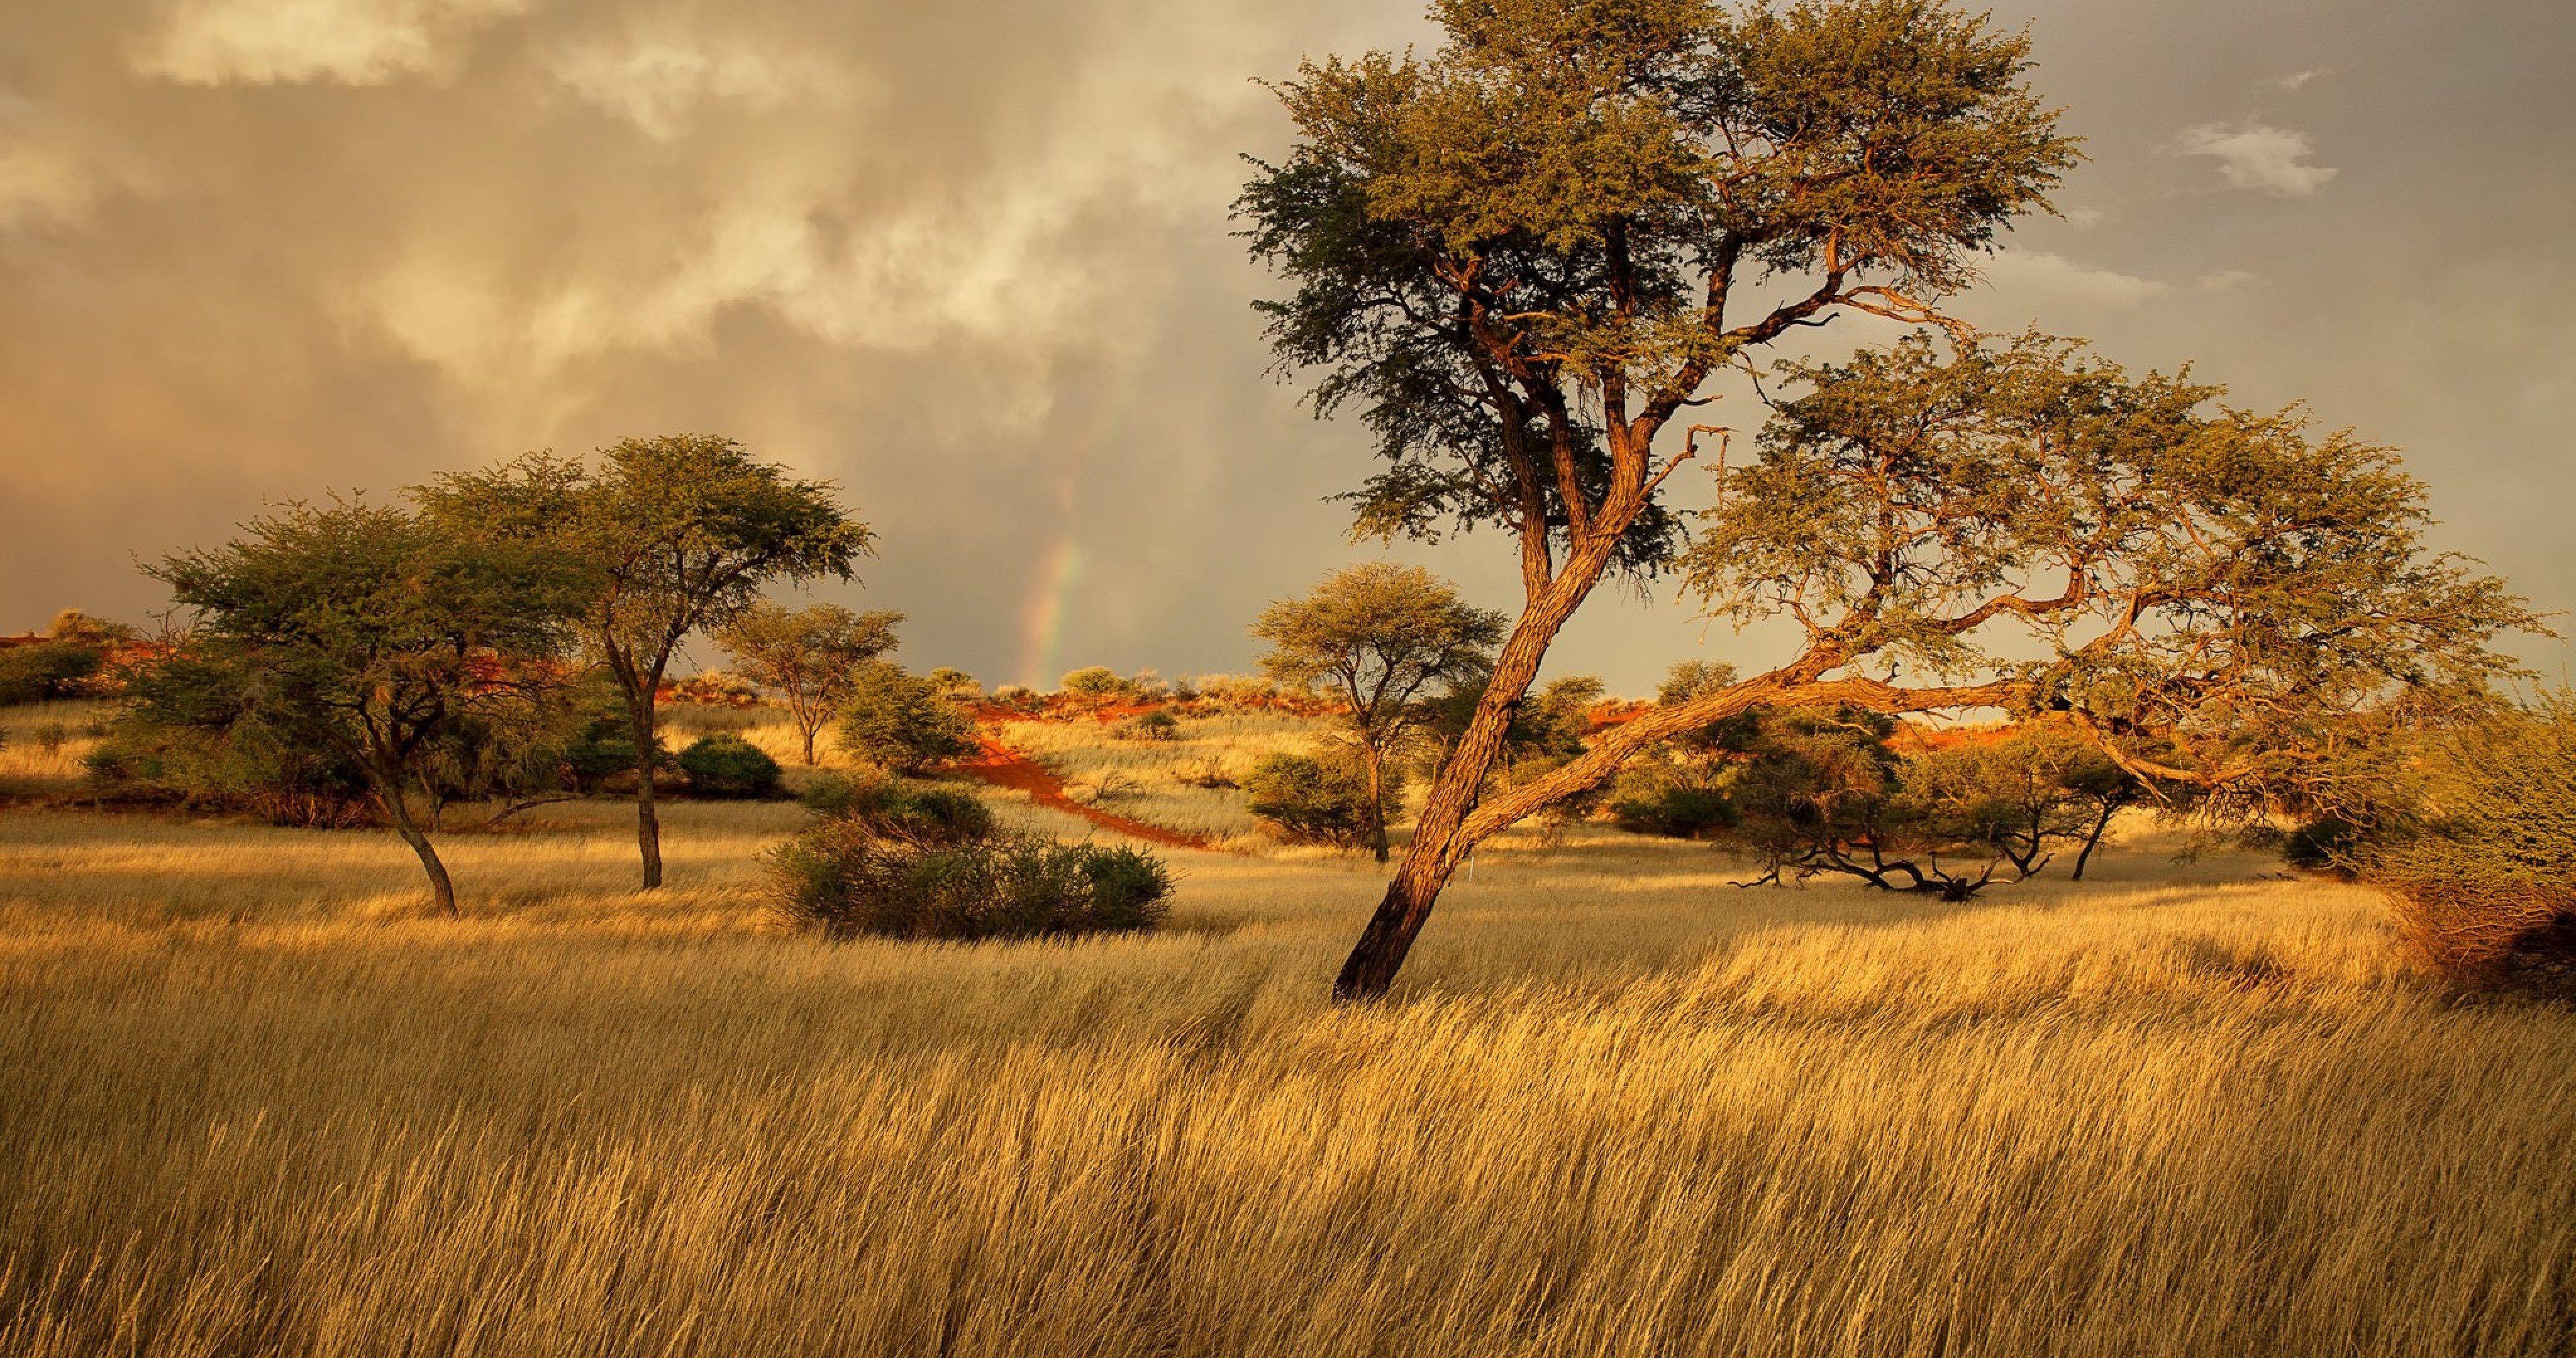 namibia africa savanna 4k ultra hd wallpaper | ololoshenka ...